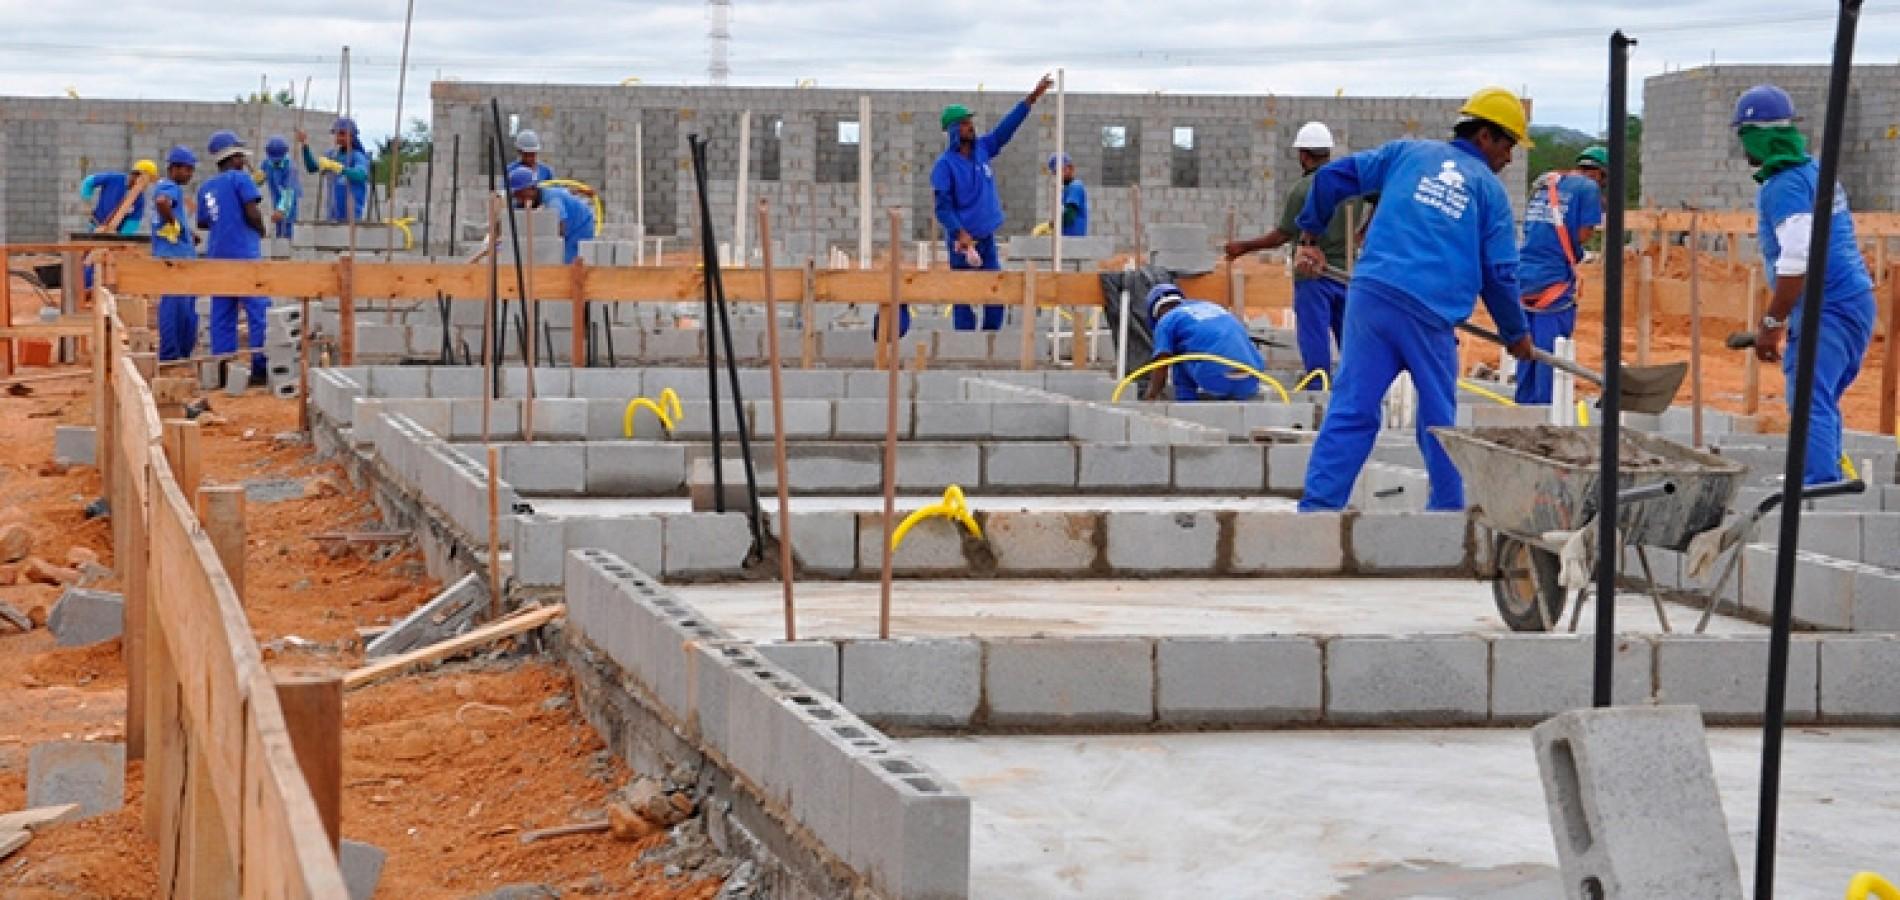 Após 70 dias de atividades suspensas, construção civil cobra plano para retomada dos trabalhos no Piauí